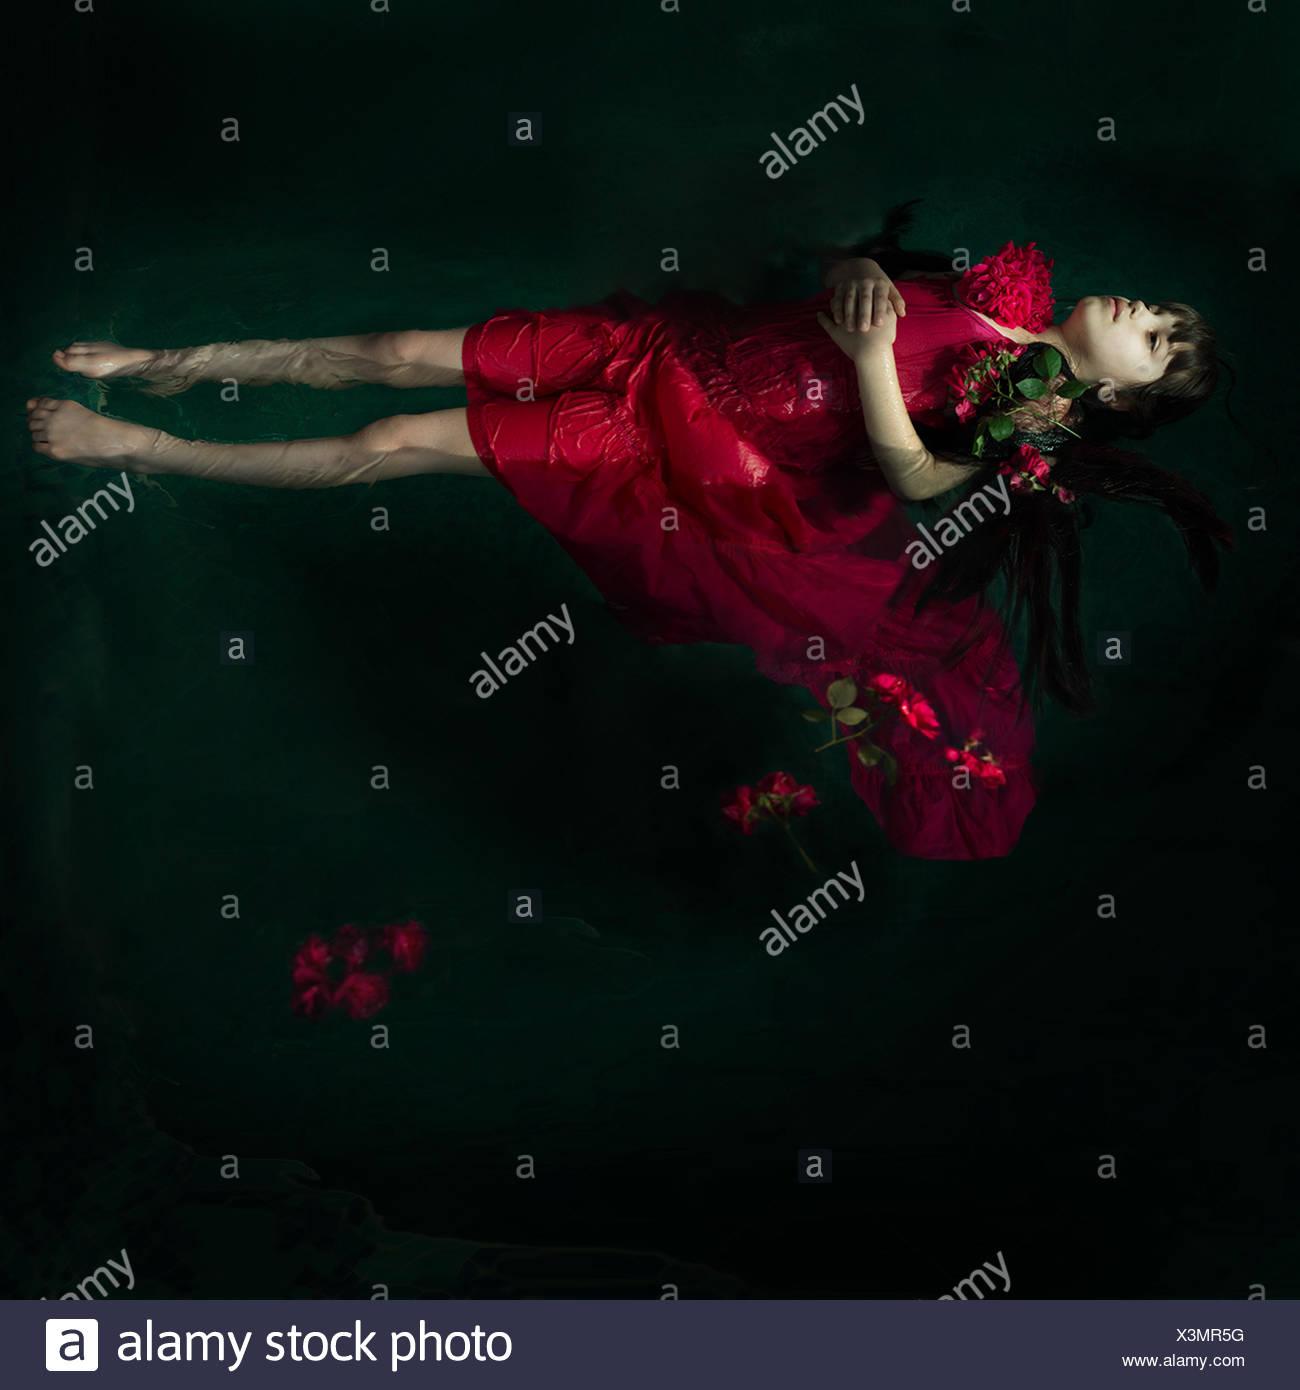 Chica en un vestido rojo flotando en el agua con rosas rojas Imagen De Stock